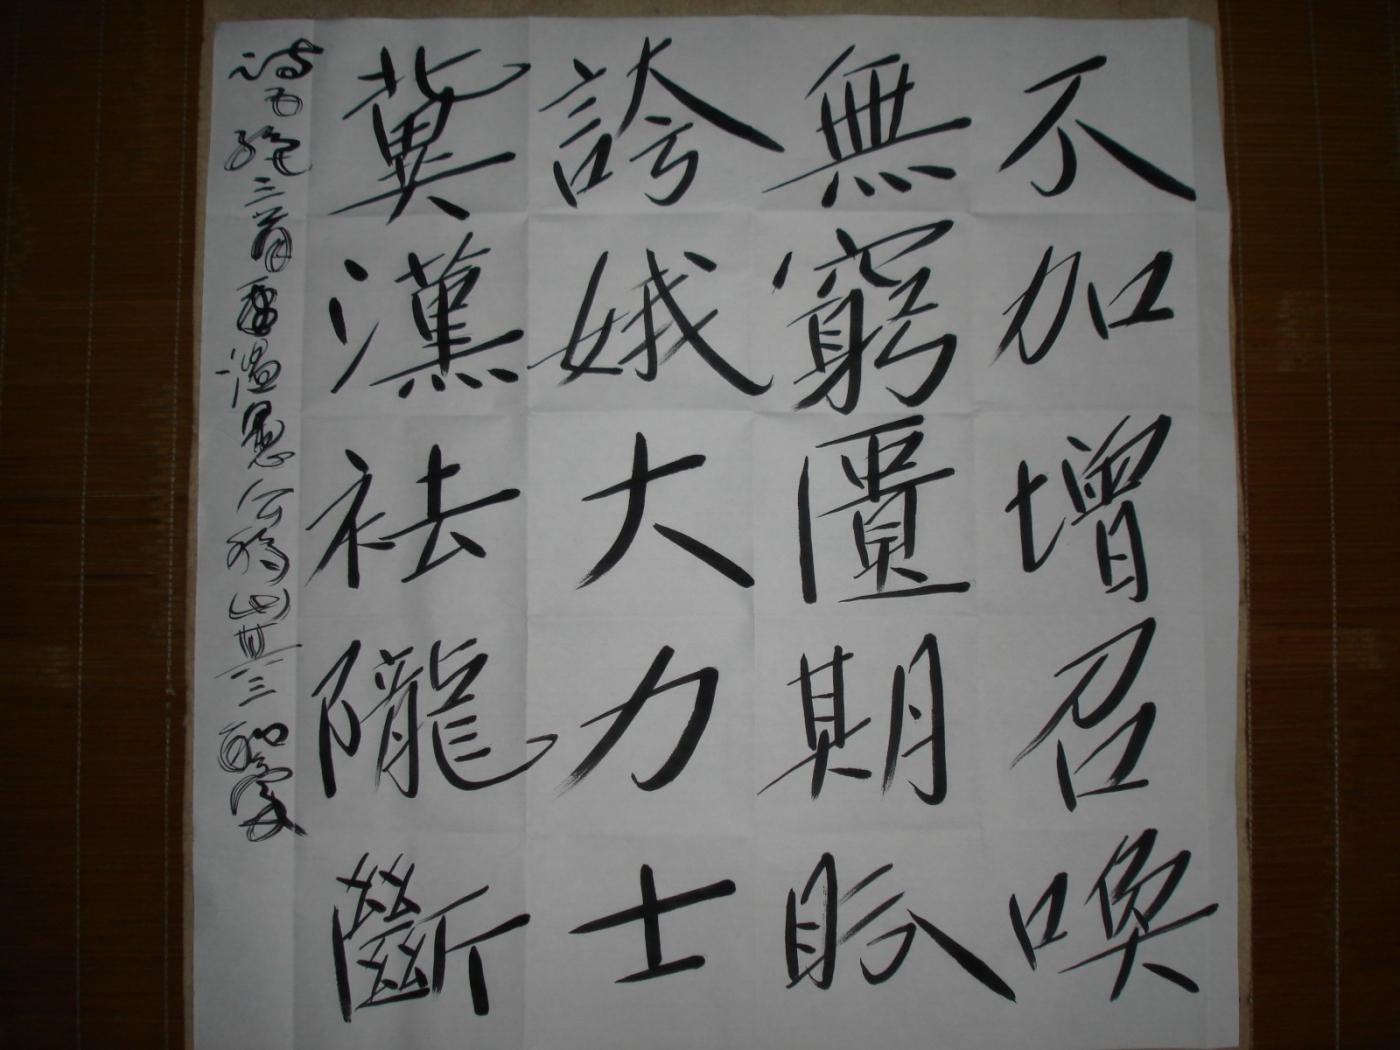 徐敏豪诗五绝3则真榜书2尺生宣斗方3幅(280)_图1-3